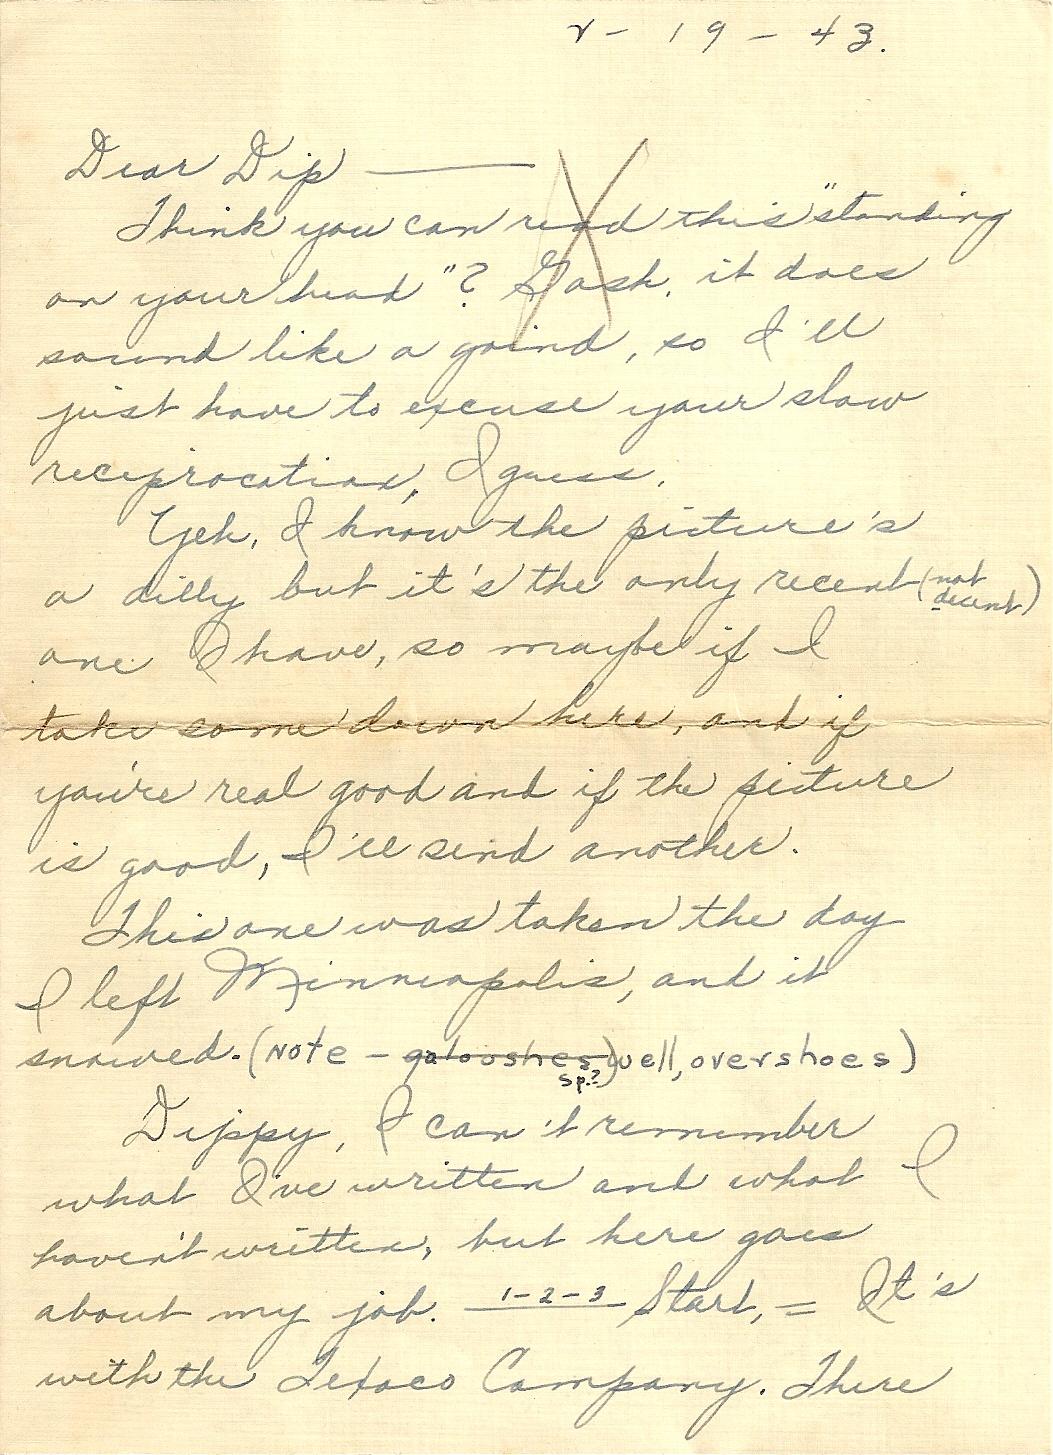 2.19.1943MSa.jpg